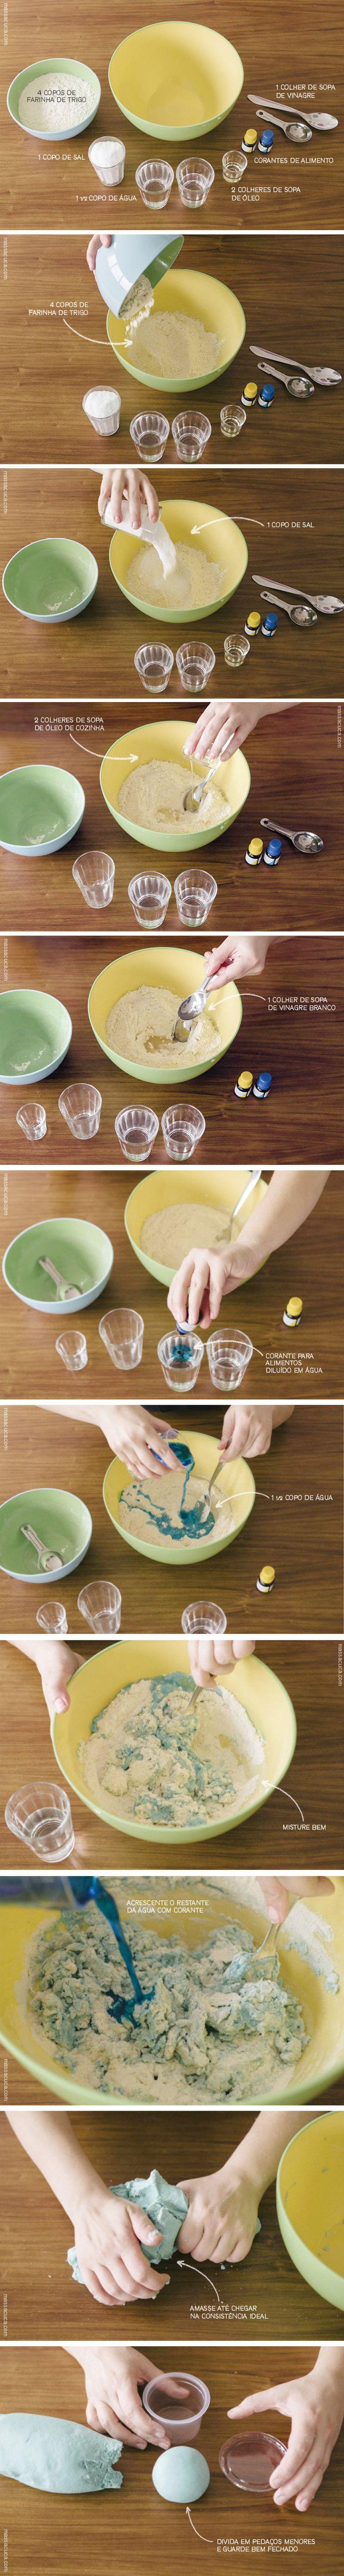 Passo a Passo Massinha Caseira | Play dough tutorial